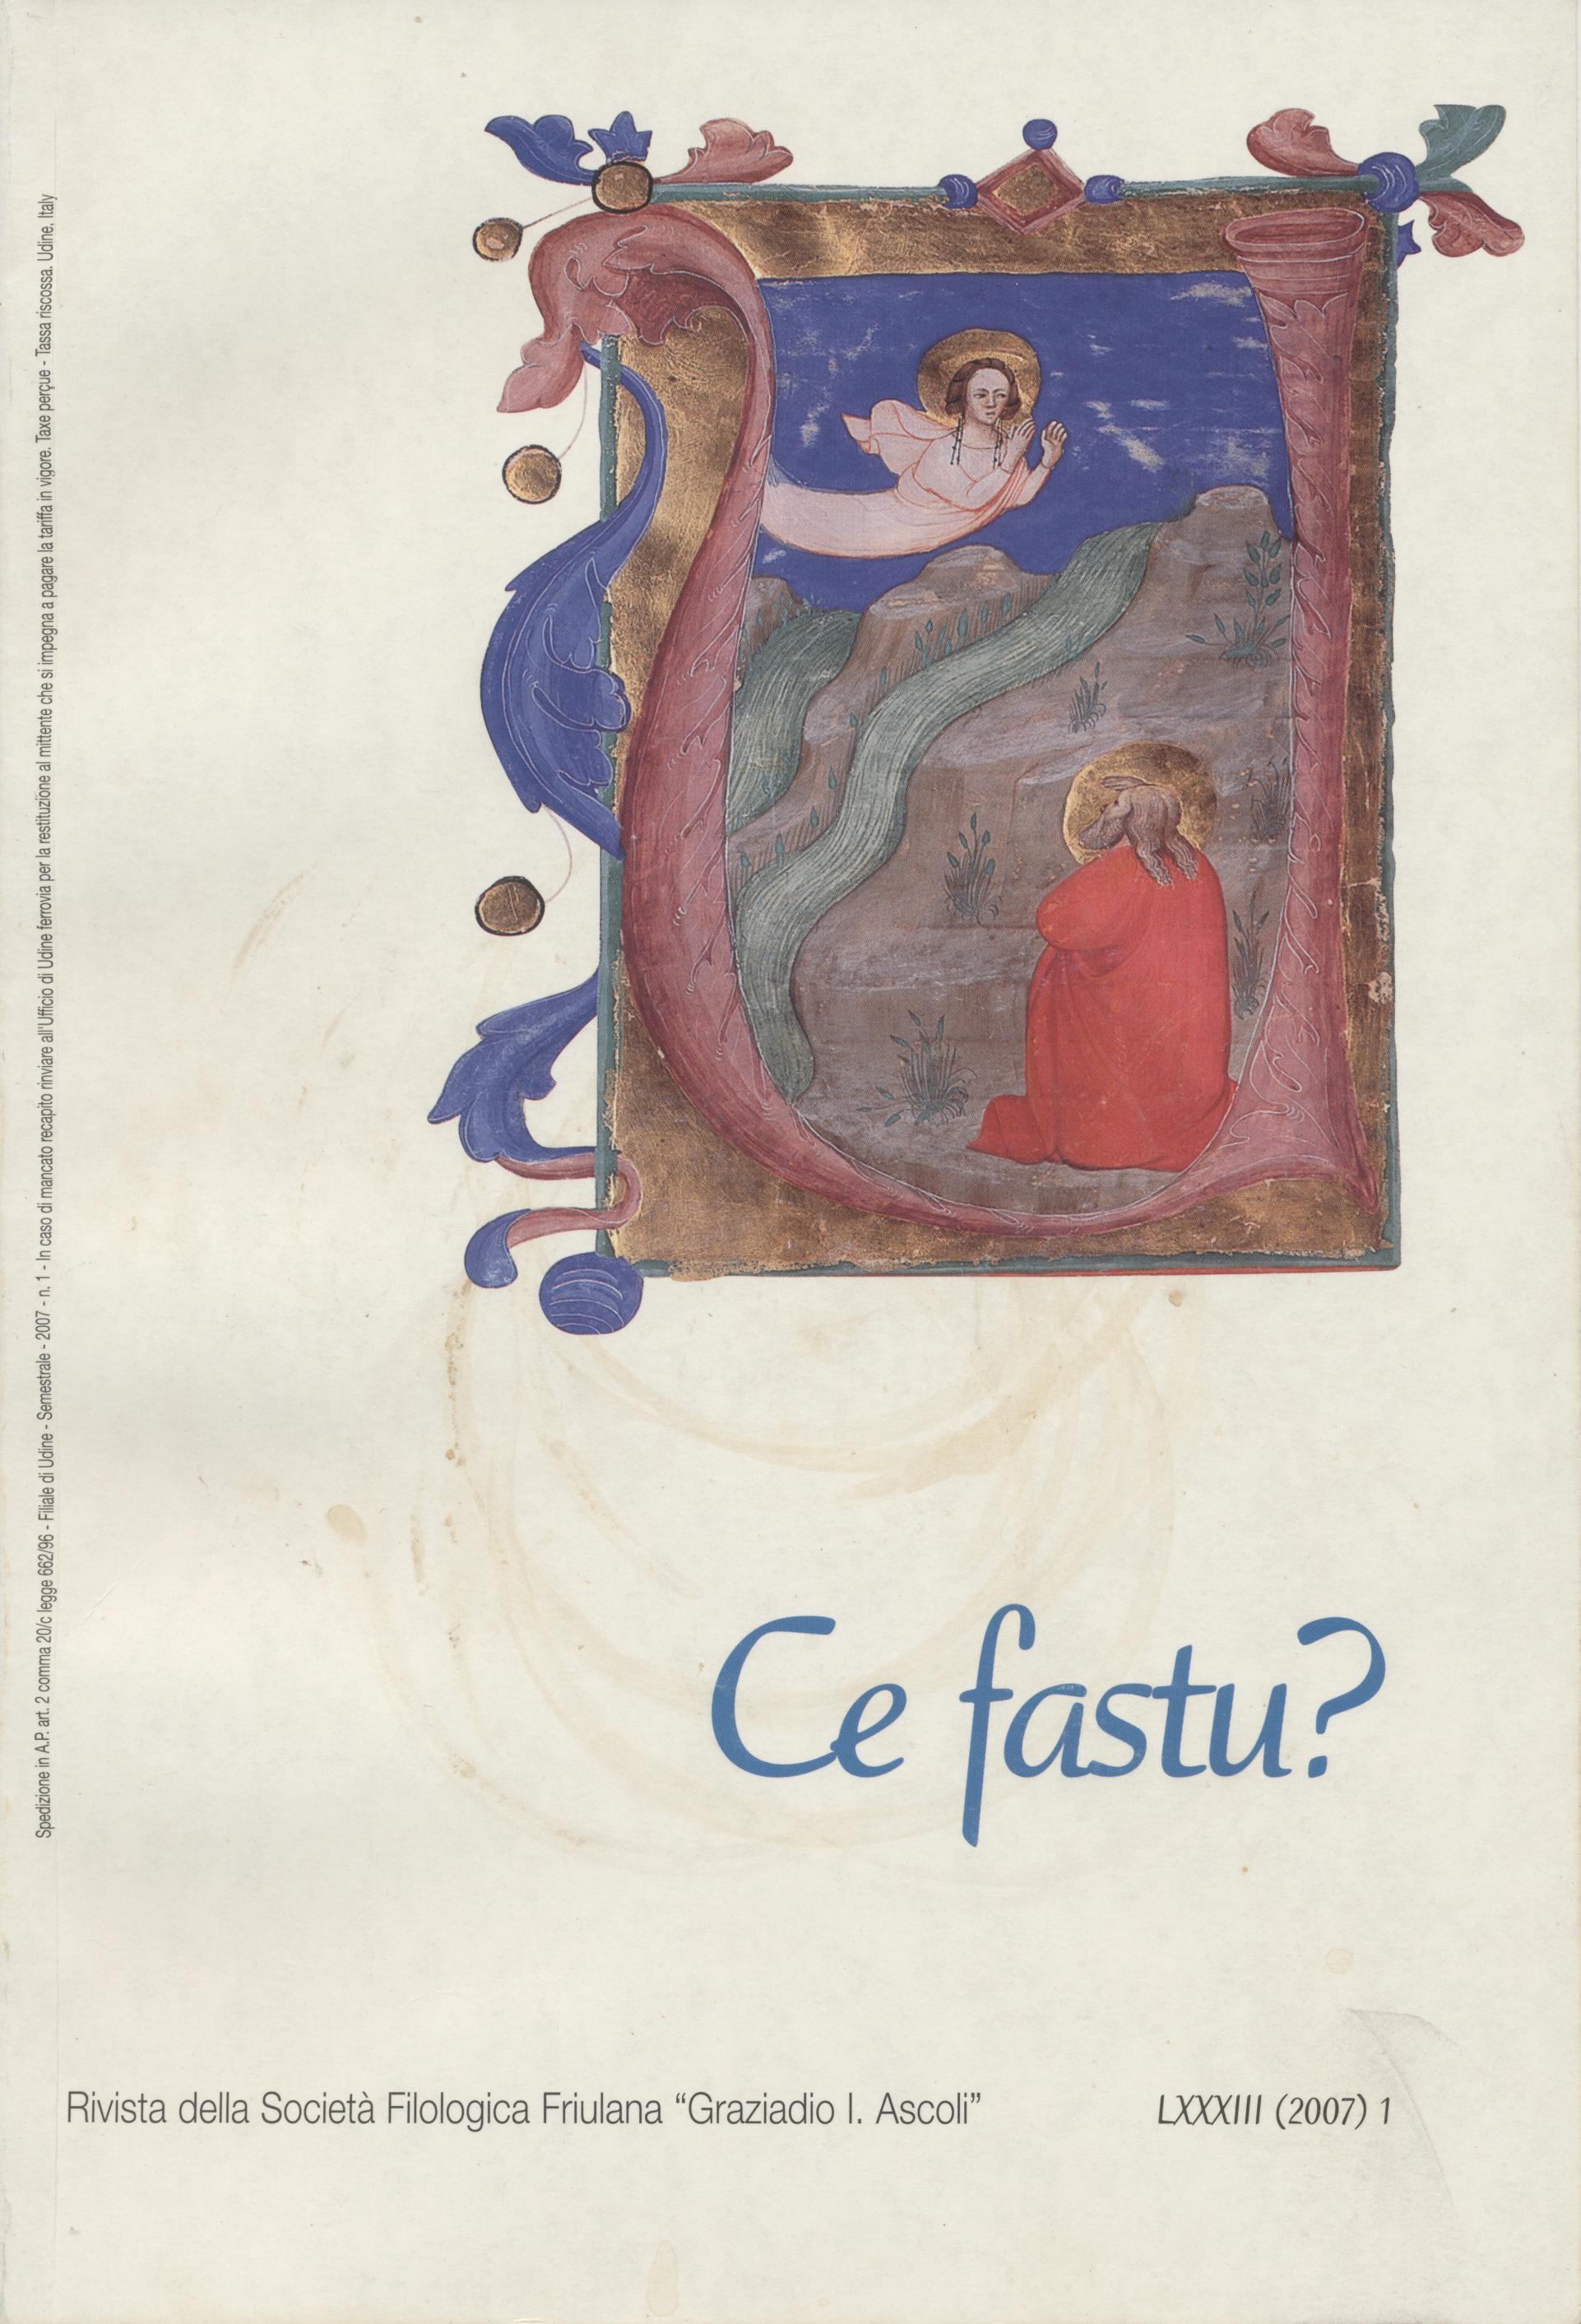 Ce fastu? Anno LXXXIII n.1 (2007)